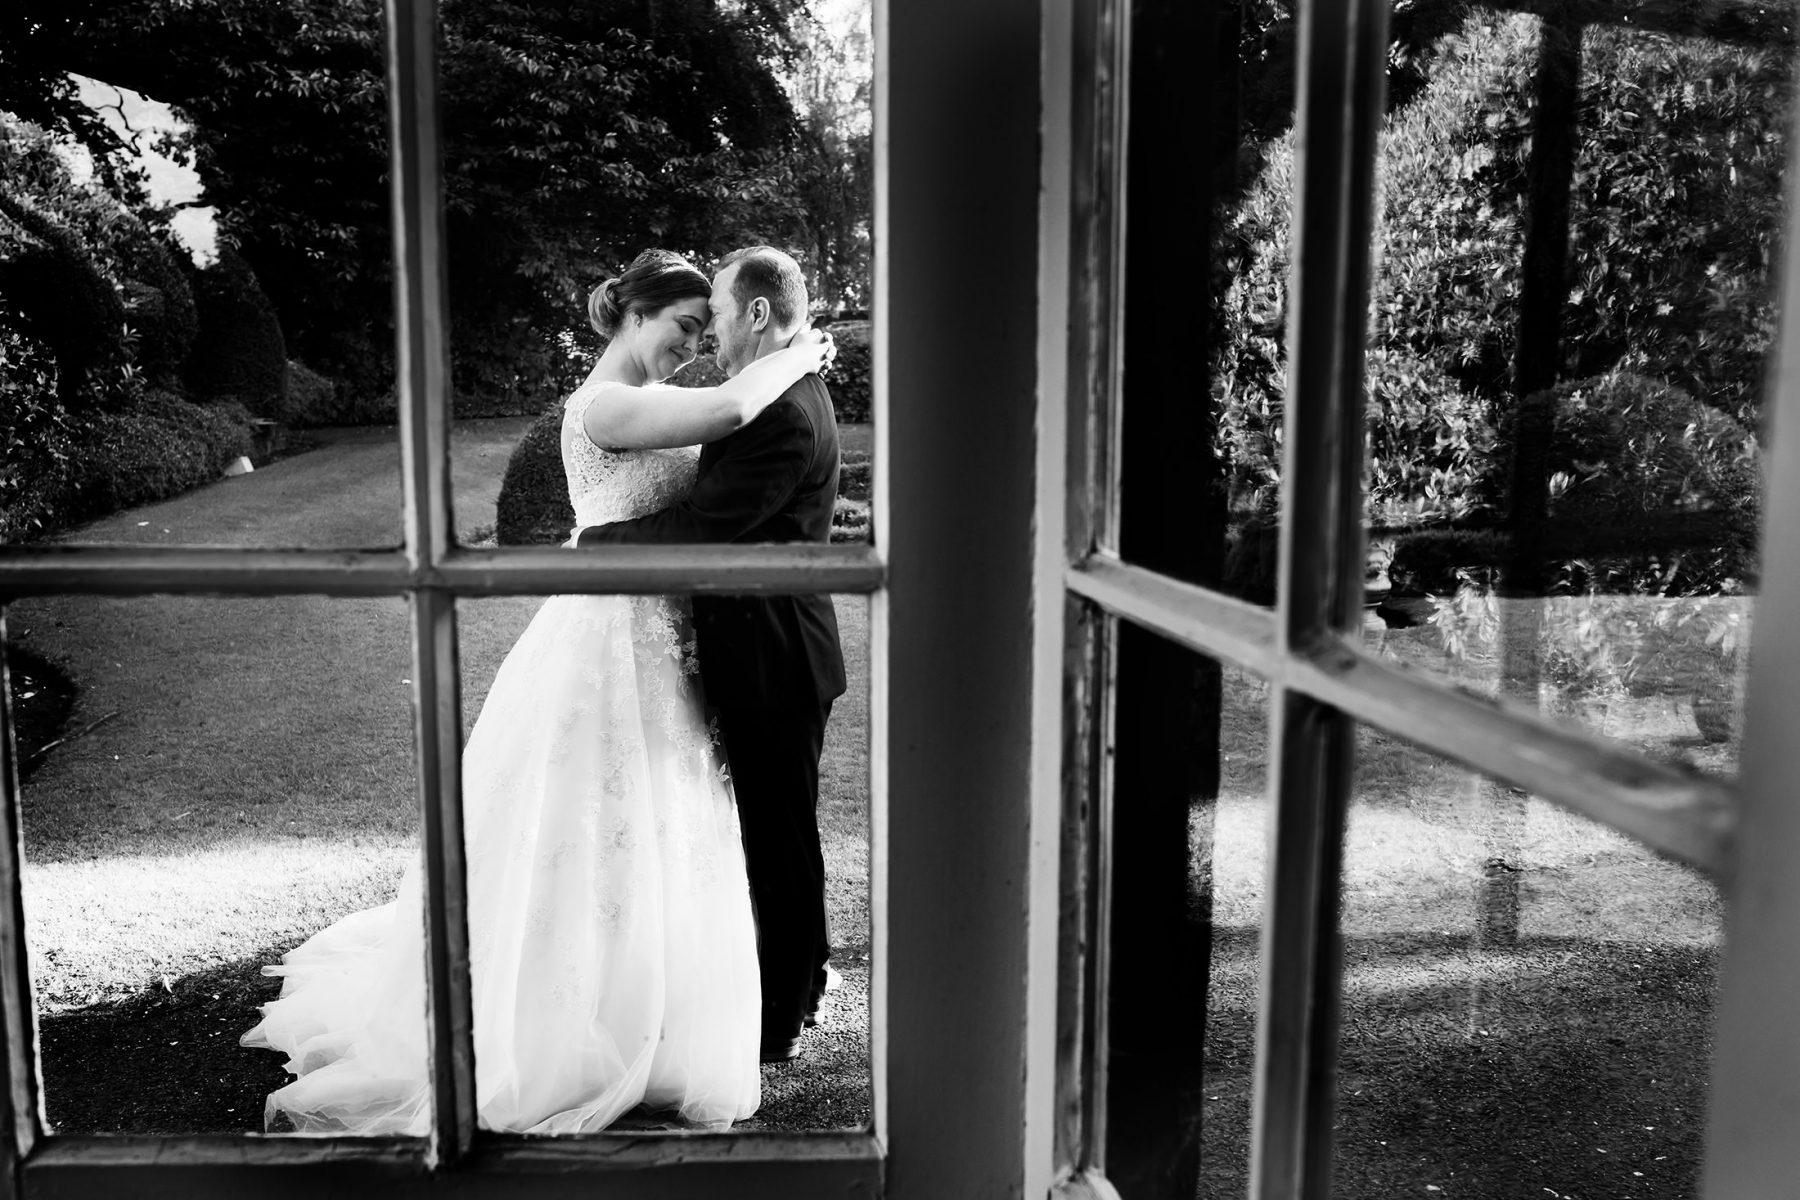 Newleyweds seen hugging though a window